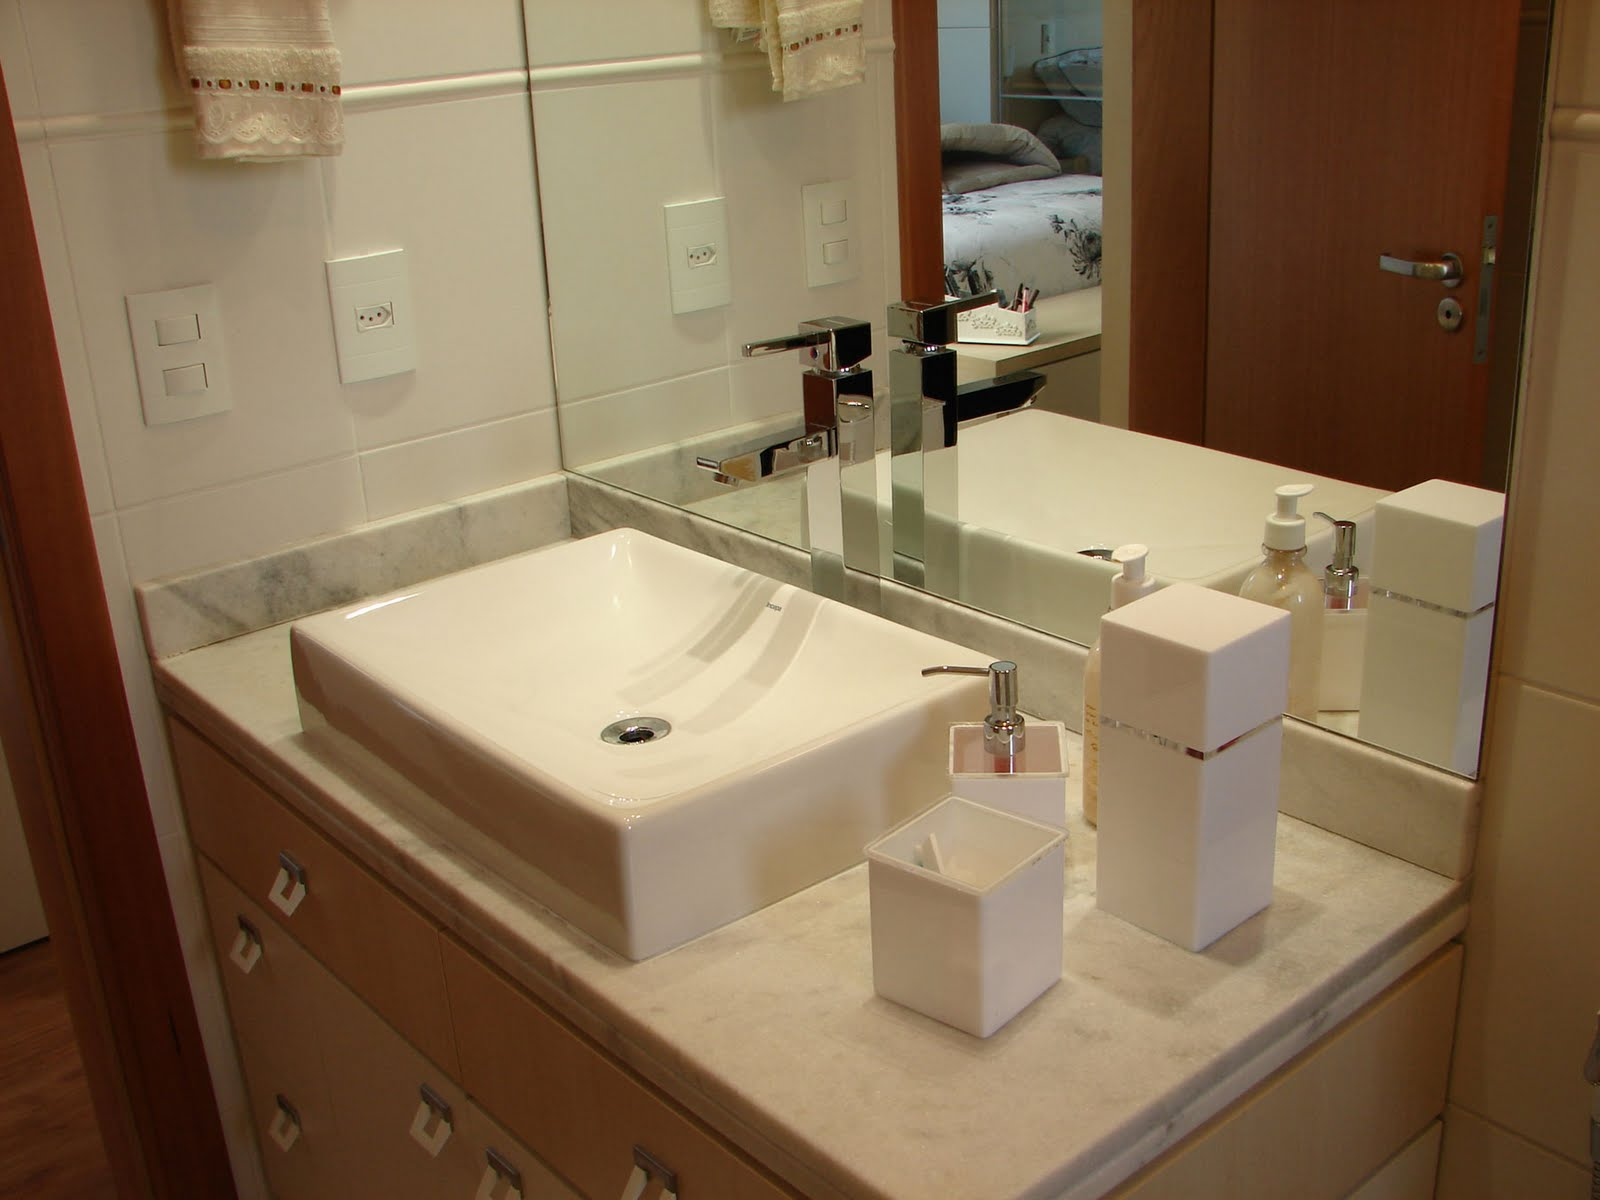 Projeto De Banheiro Com Duas Cubas  cgafghanscom banheiros pequenos e modernos -> Cuba Para Banheiro Externa